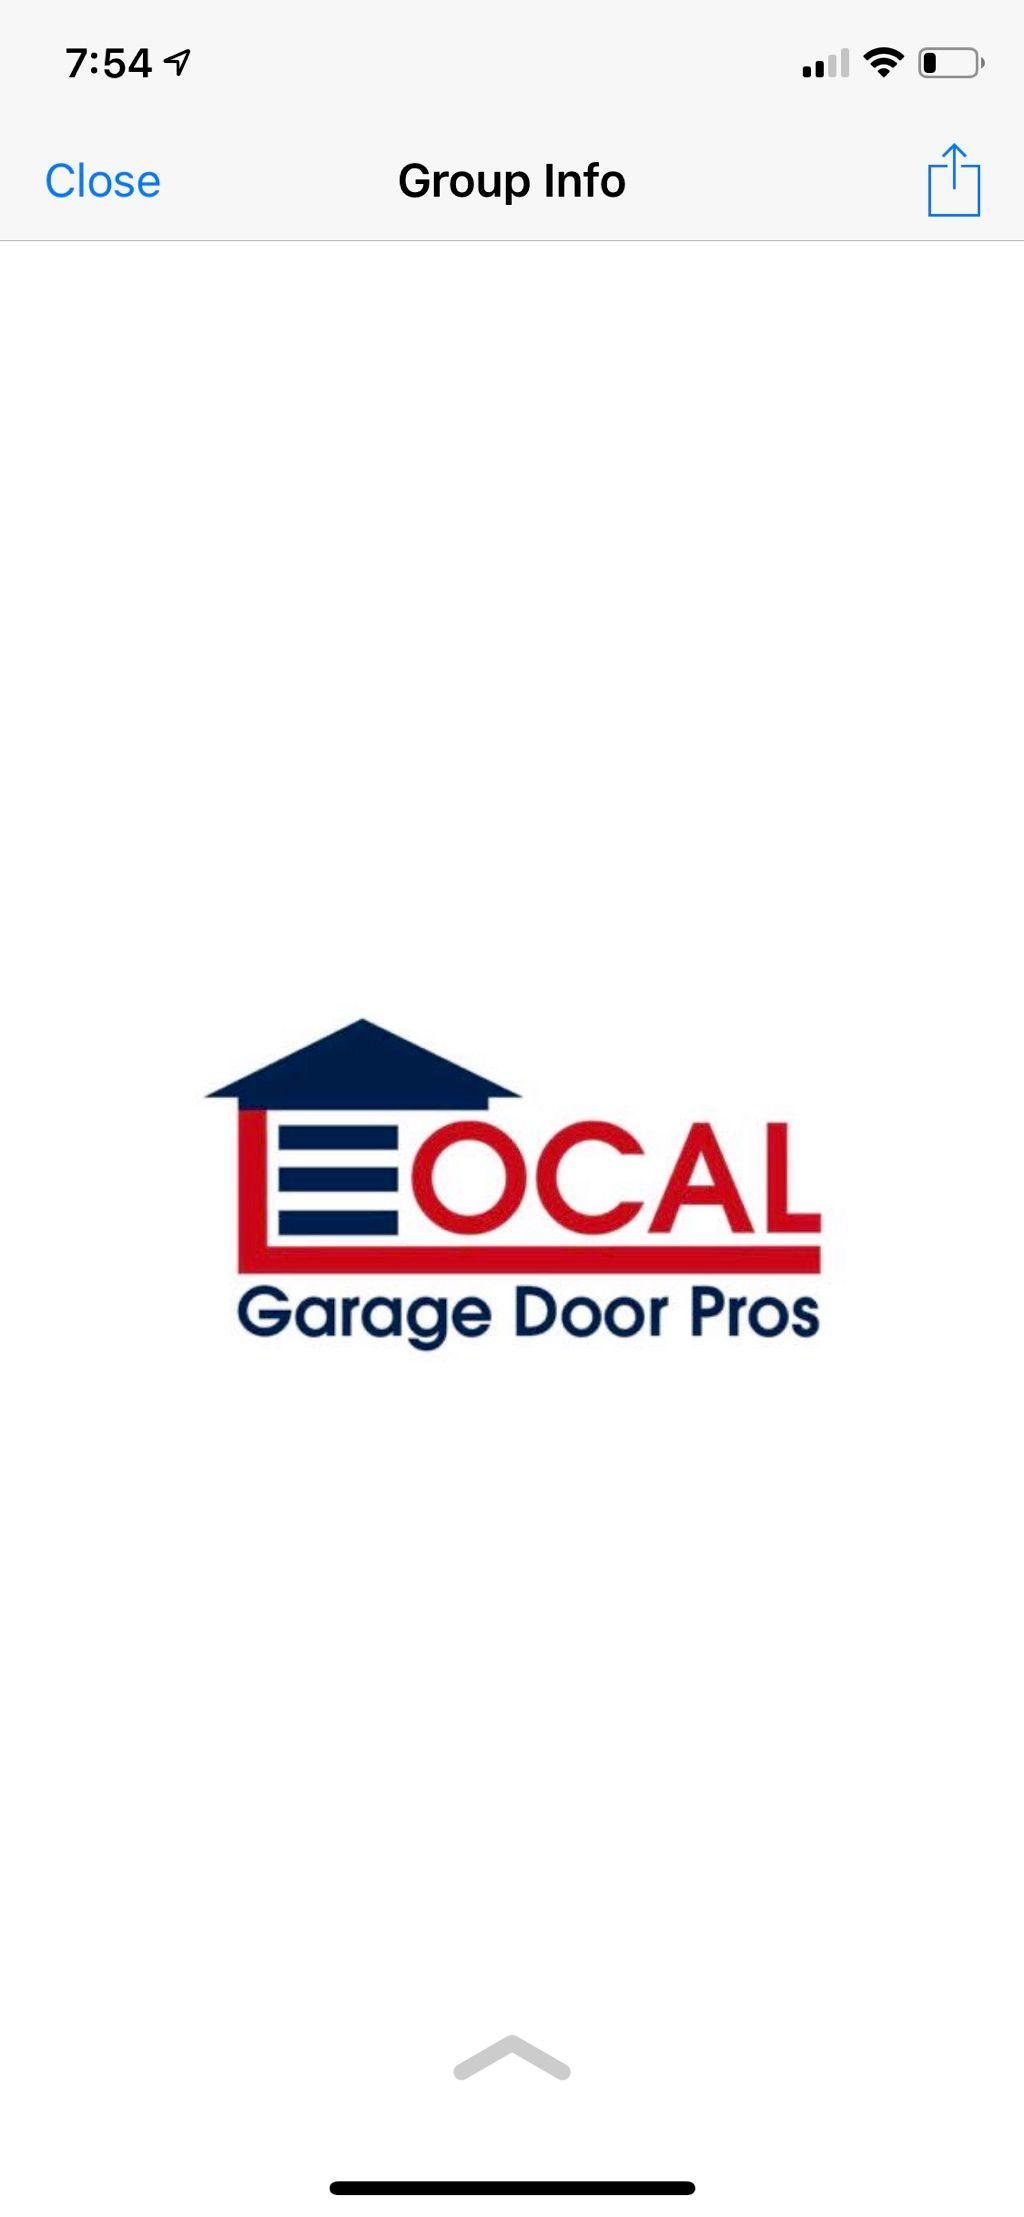 Local Garage Door Pros